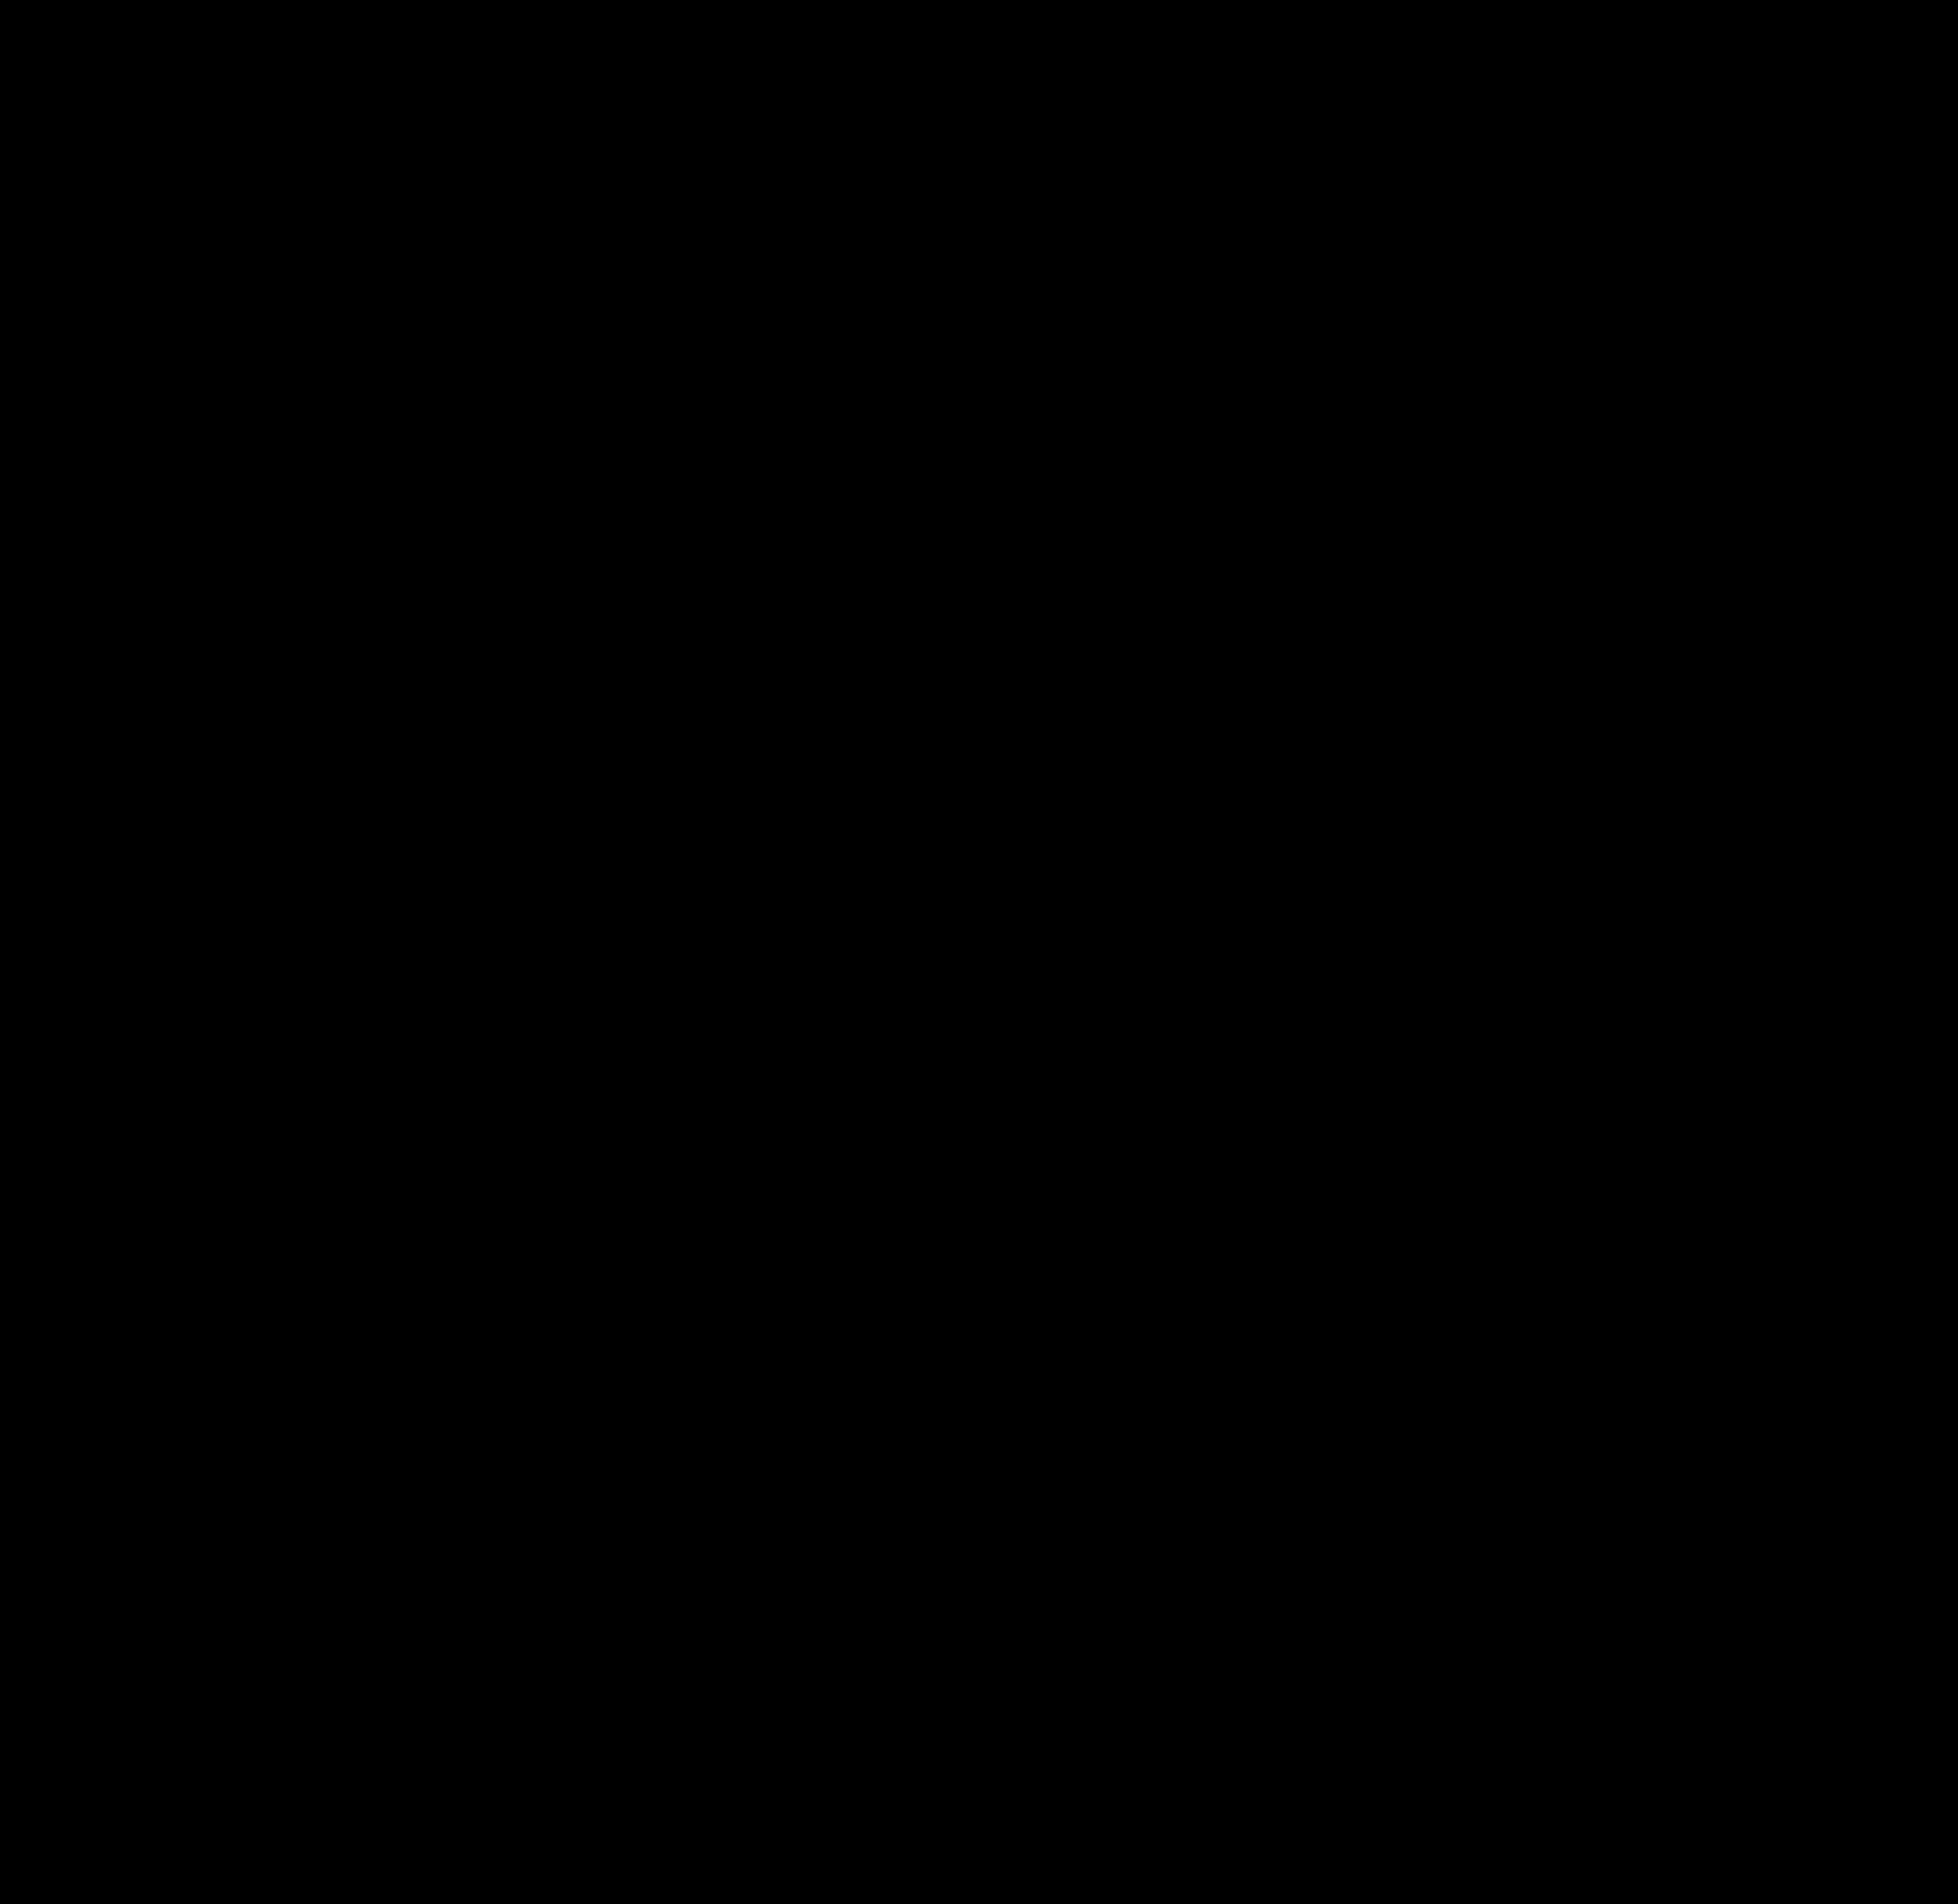 Logo of adidas Originals